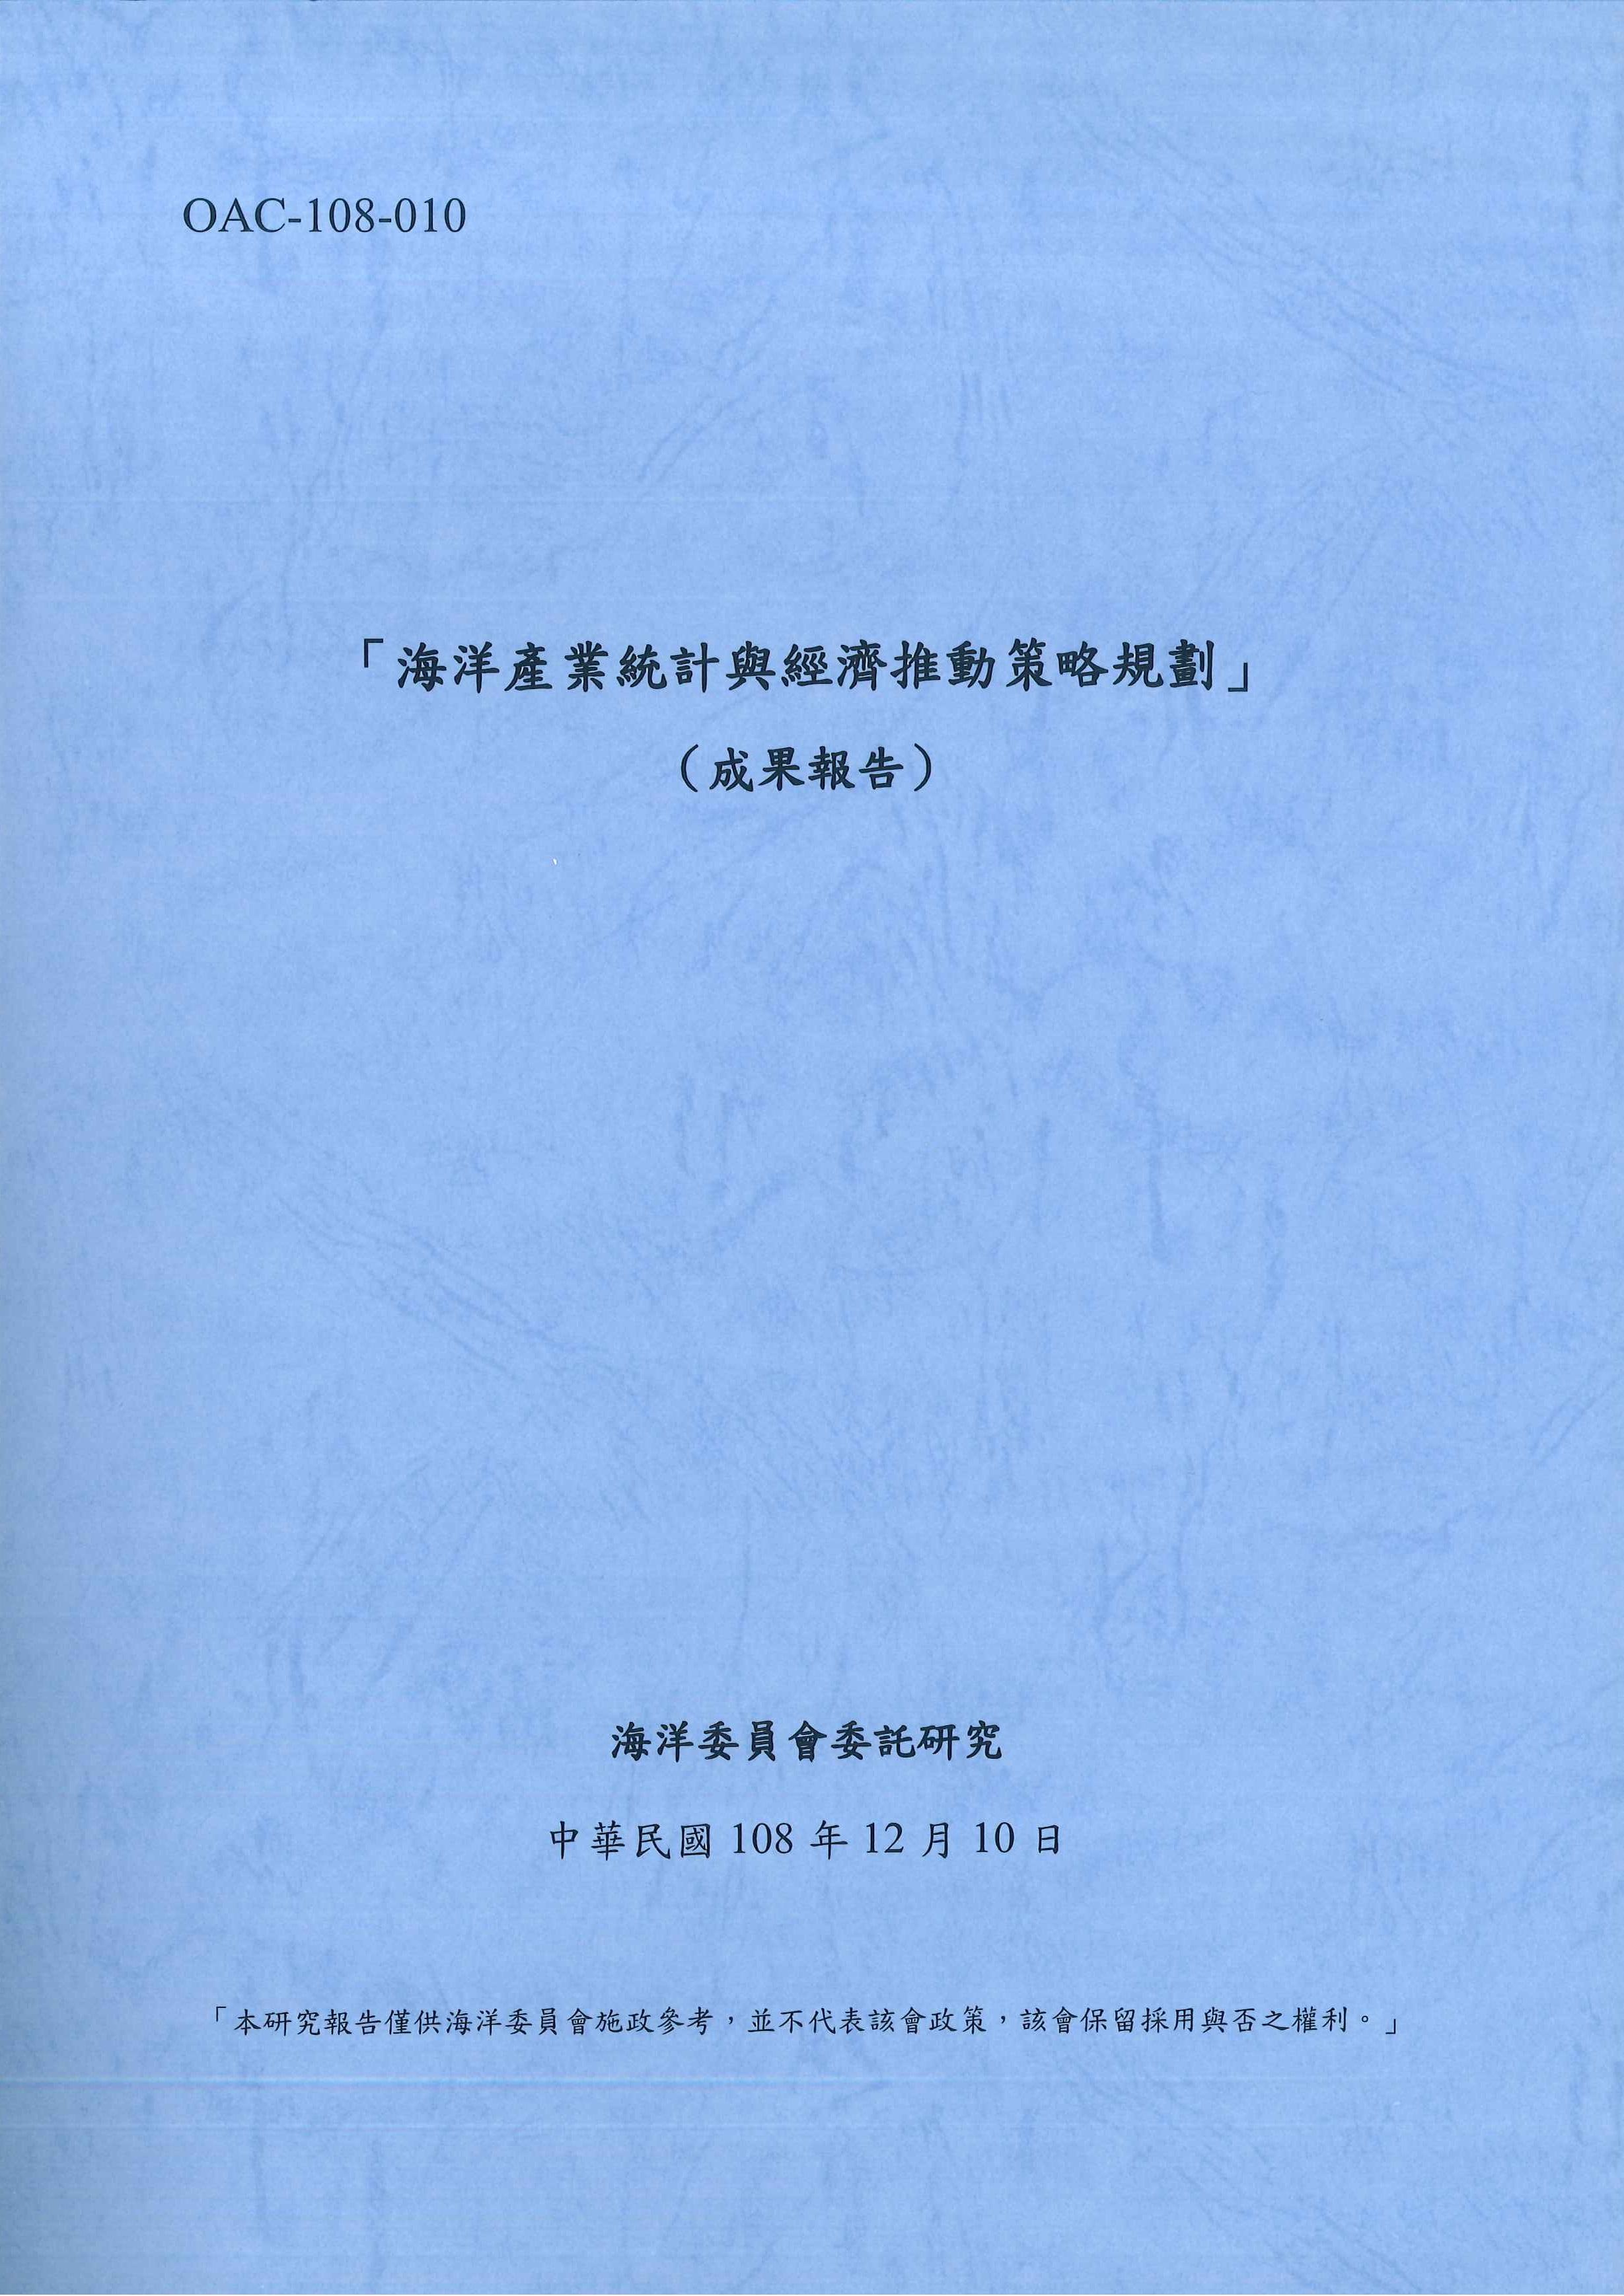 海洋產業統計與經濟推動策略規劃:成果報告